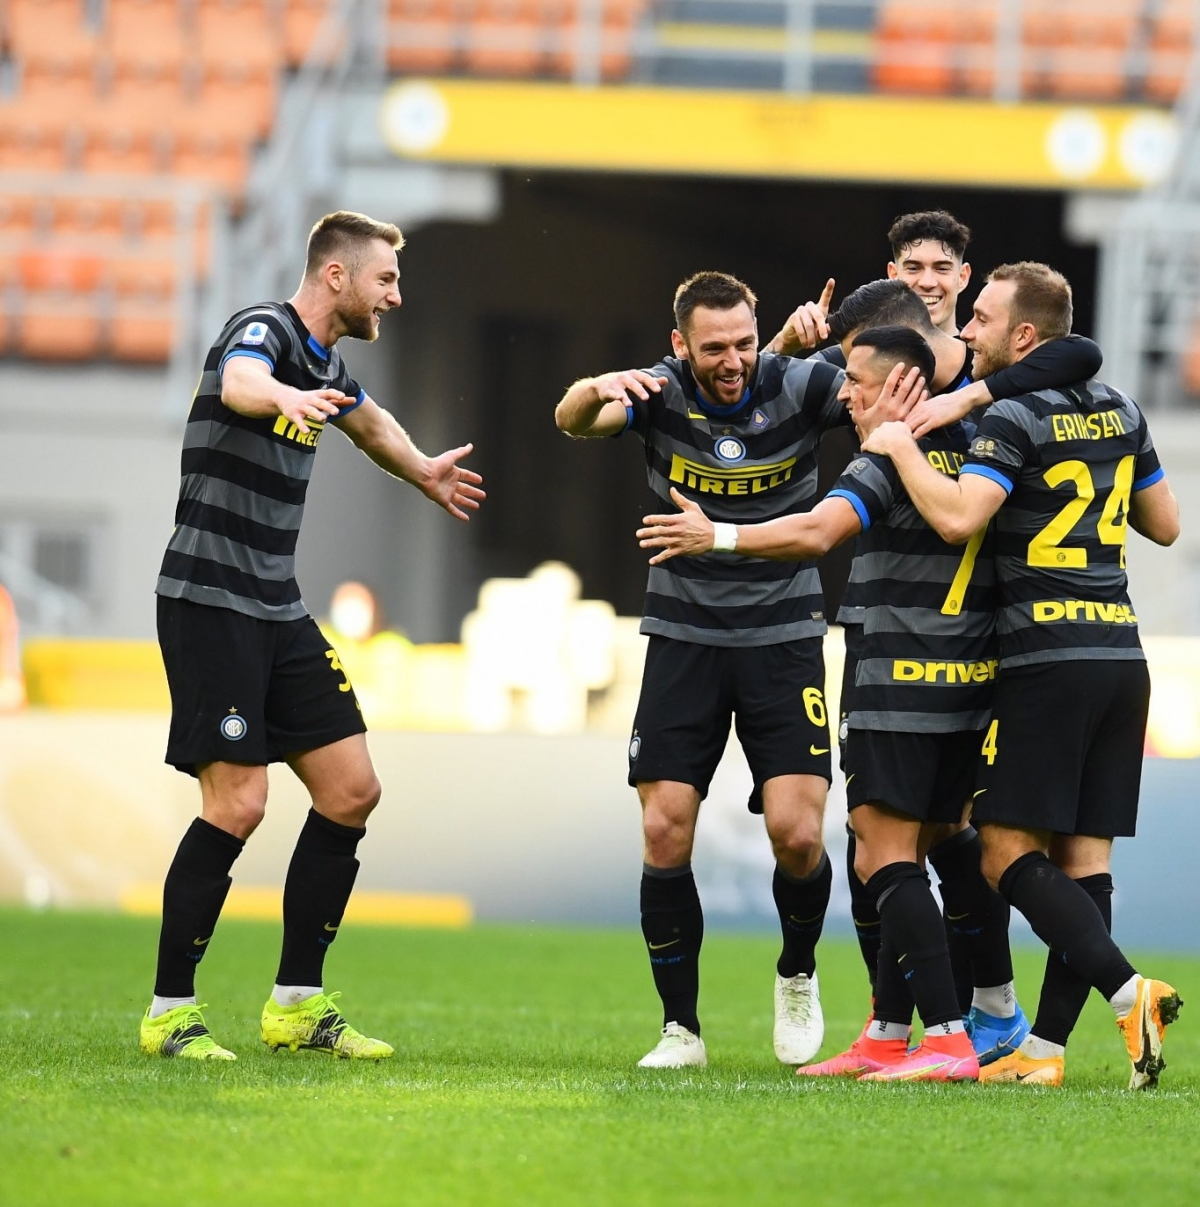 Ba cựu Quỷ đỏ rủ nhau ghi bàn, để lại dấu ấn đậm nét trong cuộc đua vô địch Serie A.